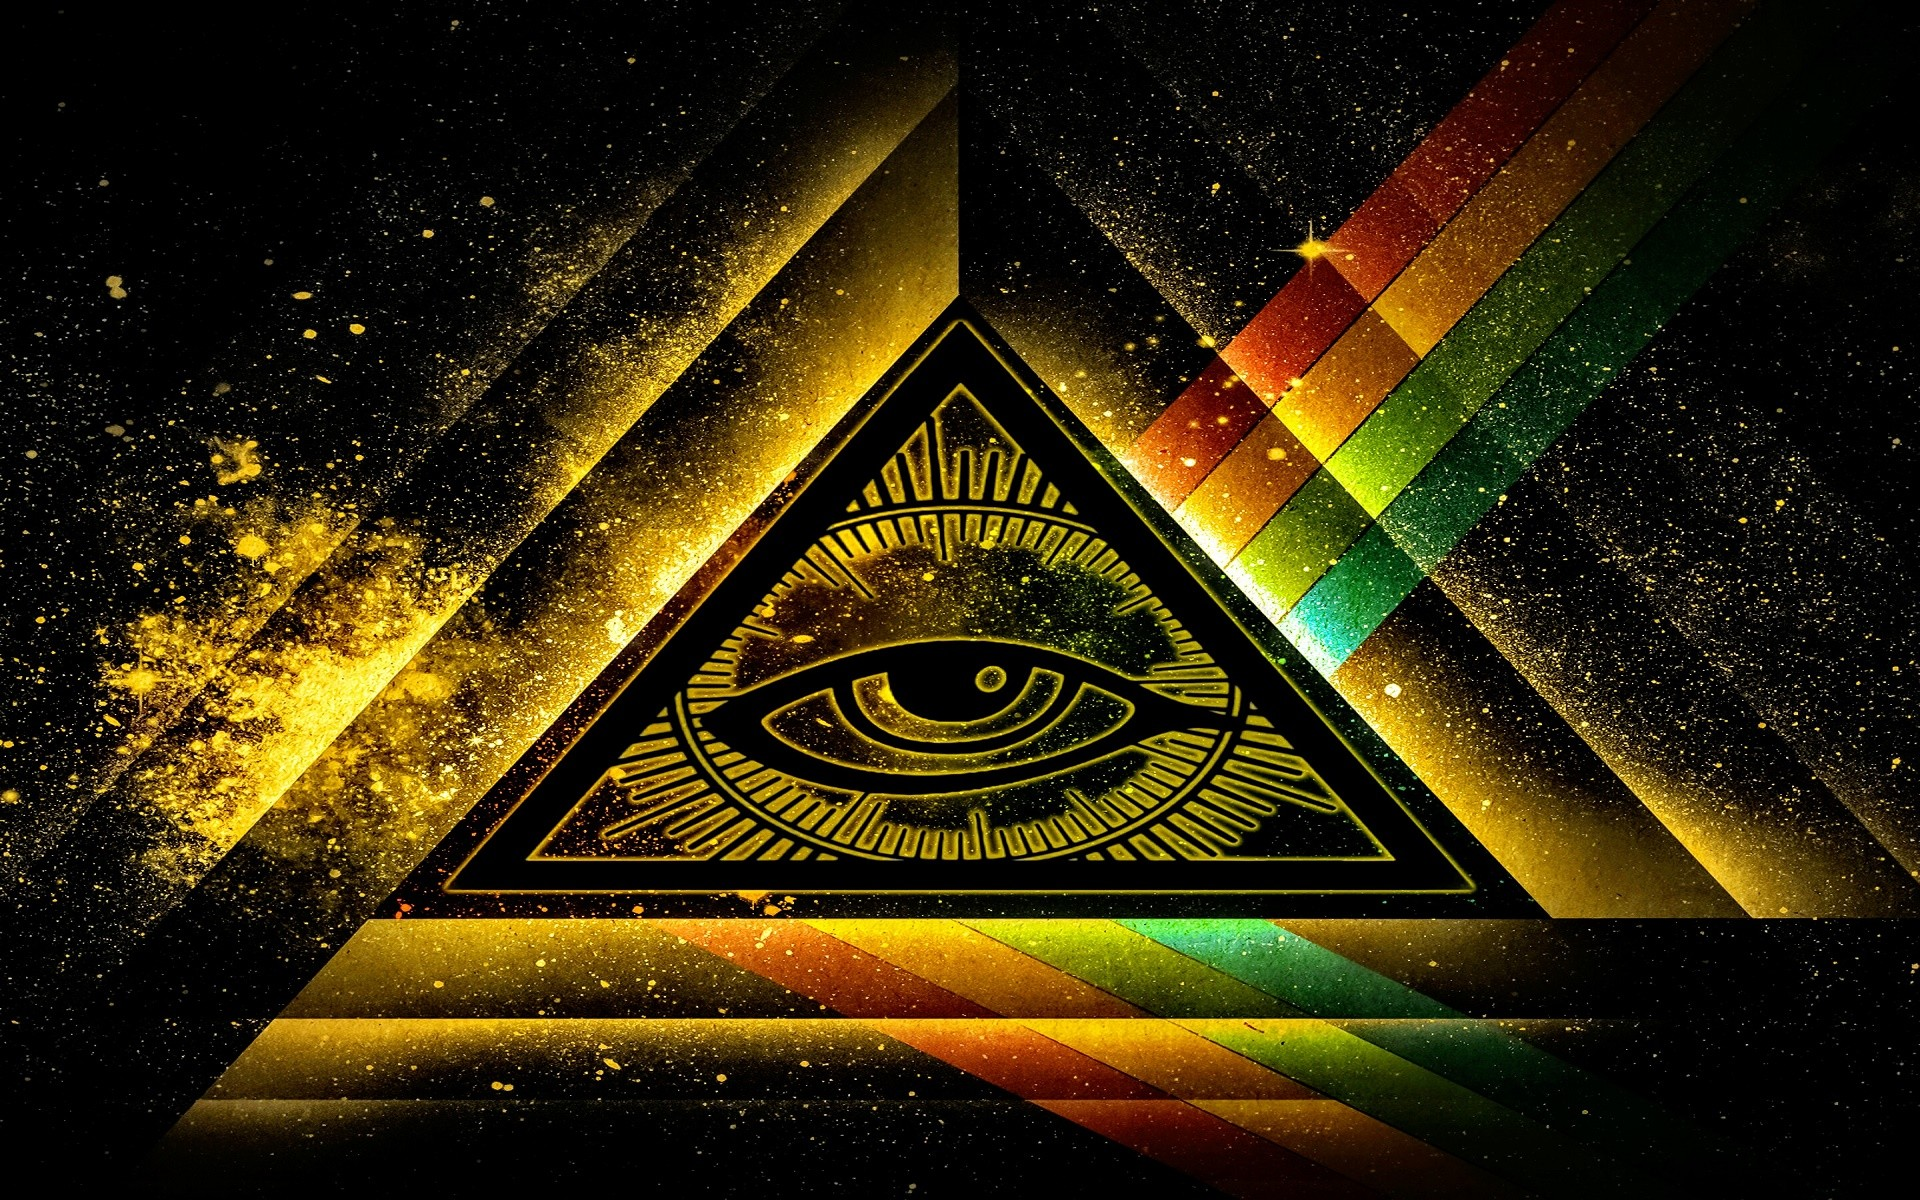 illuminati wallpaper Tumblr | HD Wallpapers | Pinterest | Illuminati, Hd  wallpaper and Wallpaper